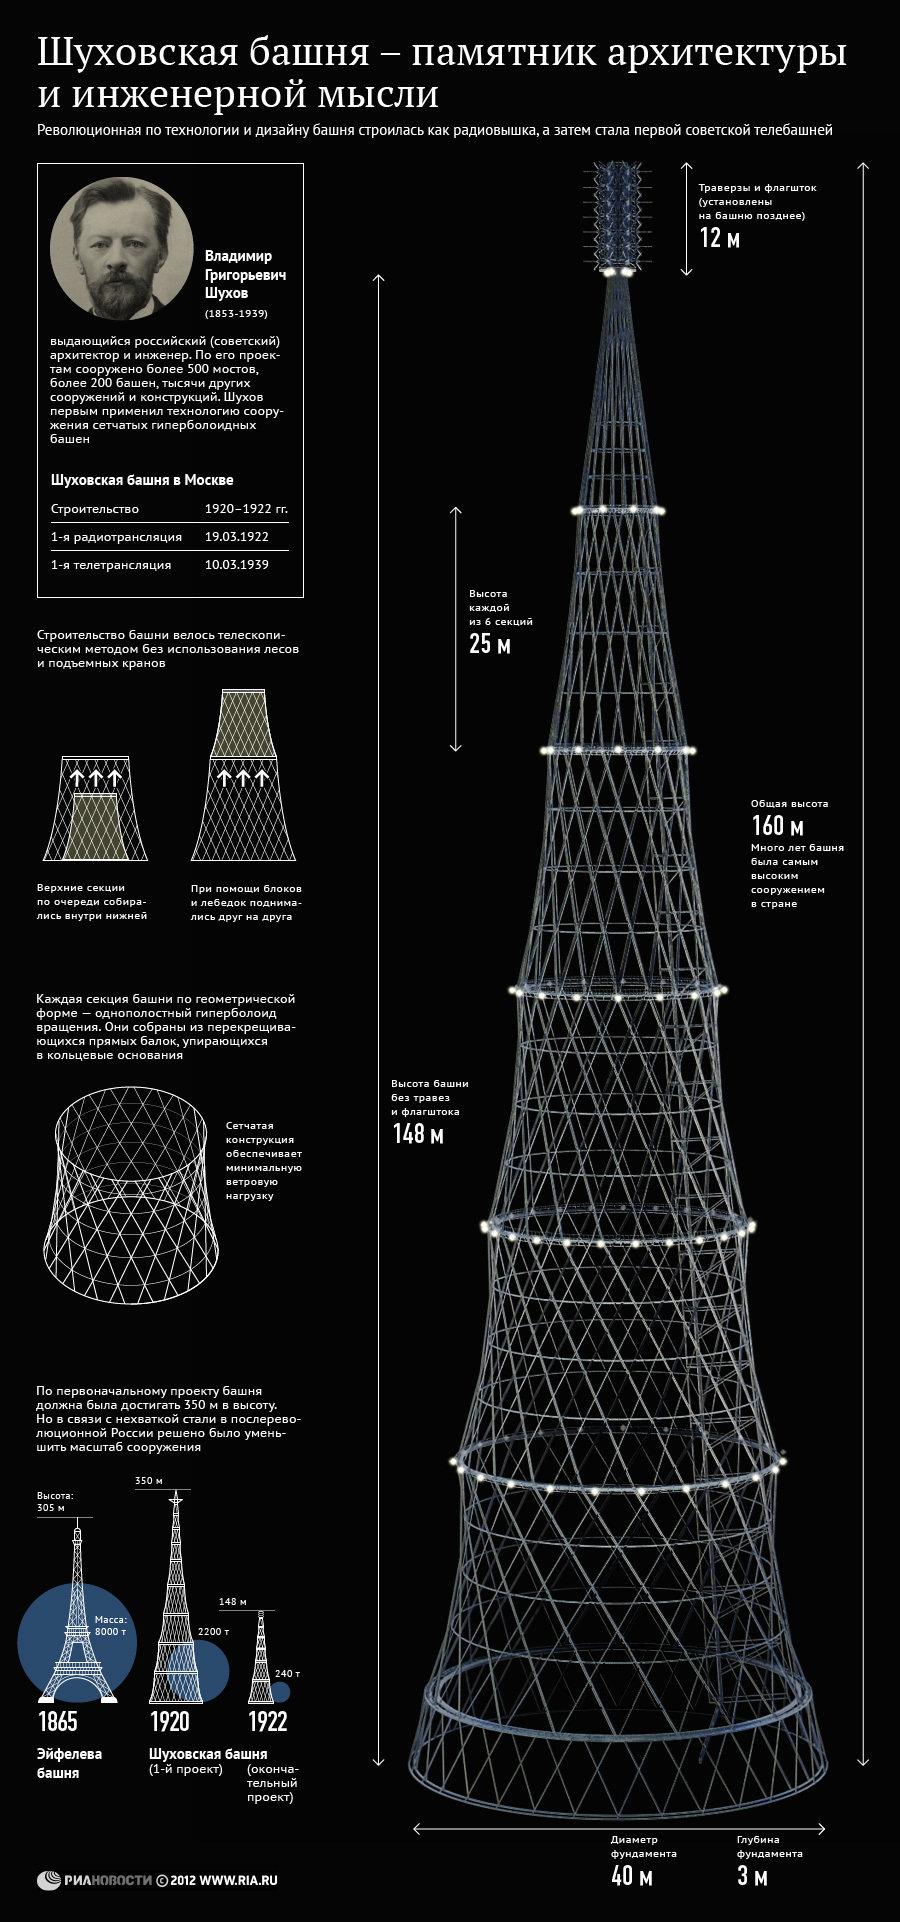 Шуховская башня – памятник архитектуры и инженерной мысли